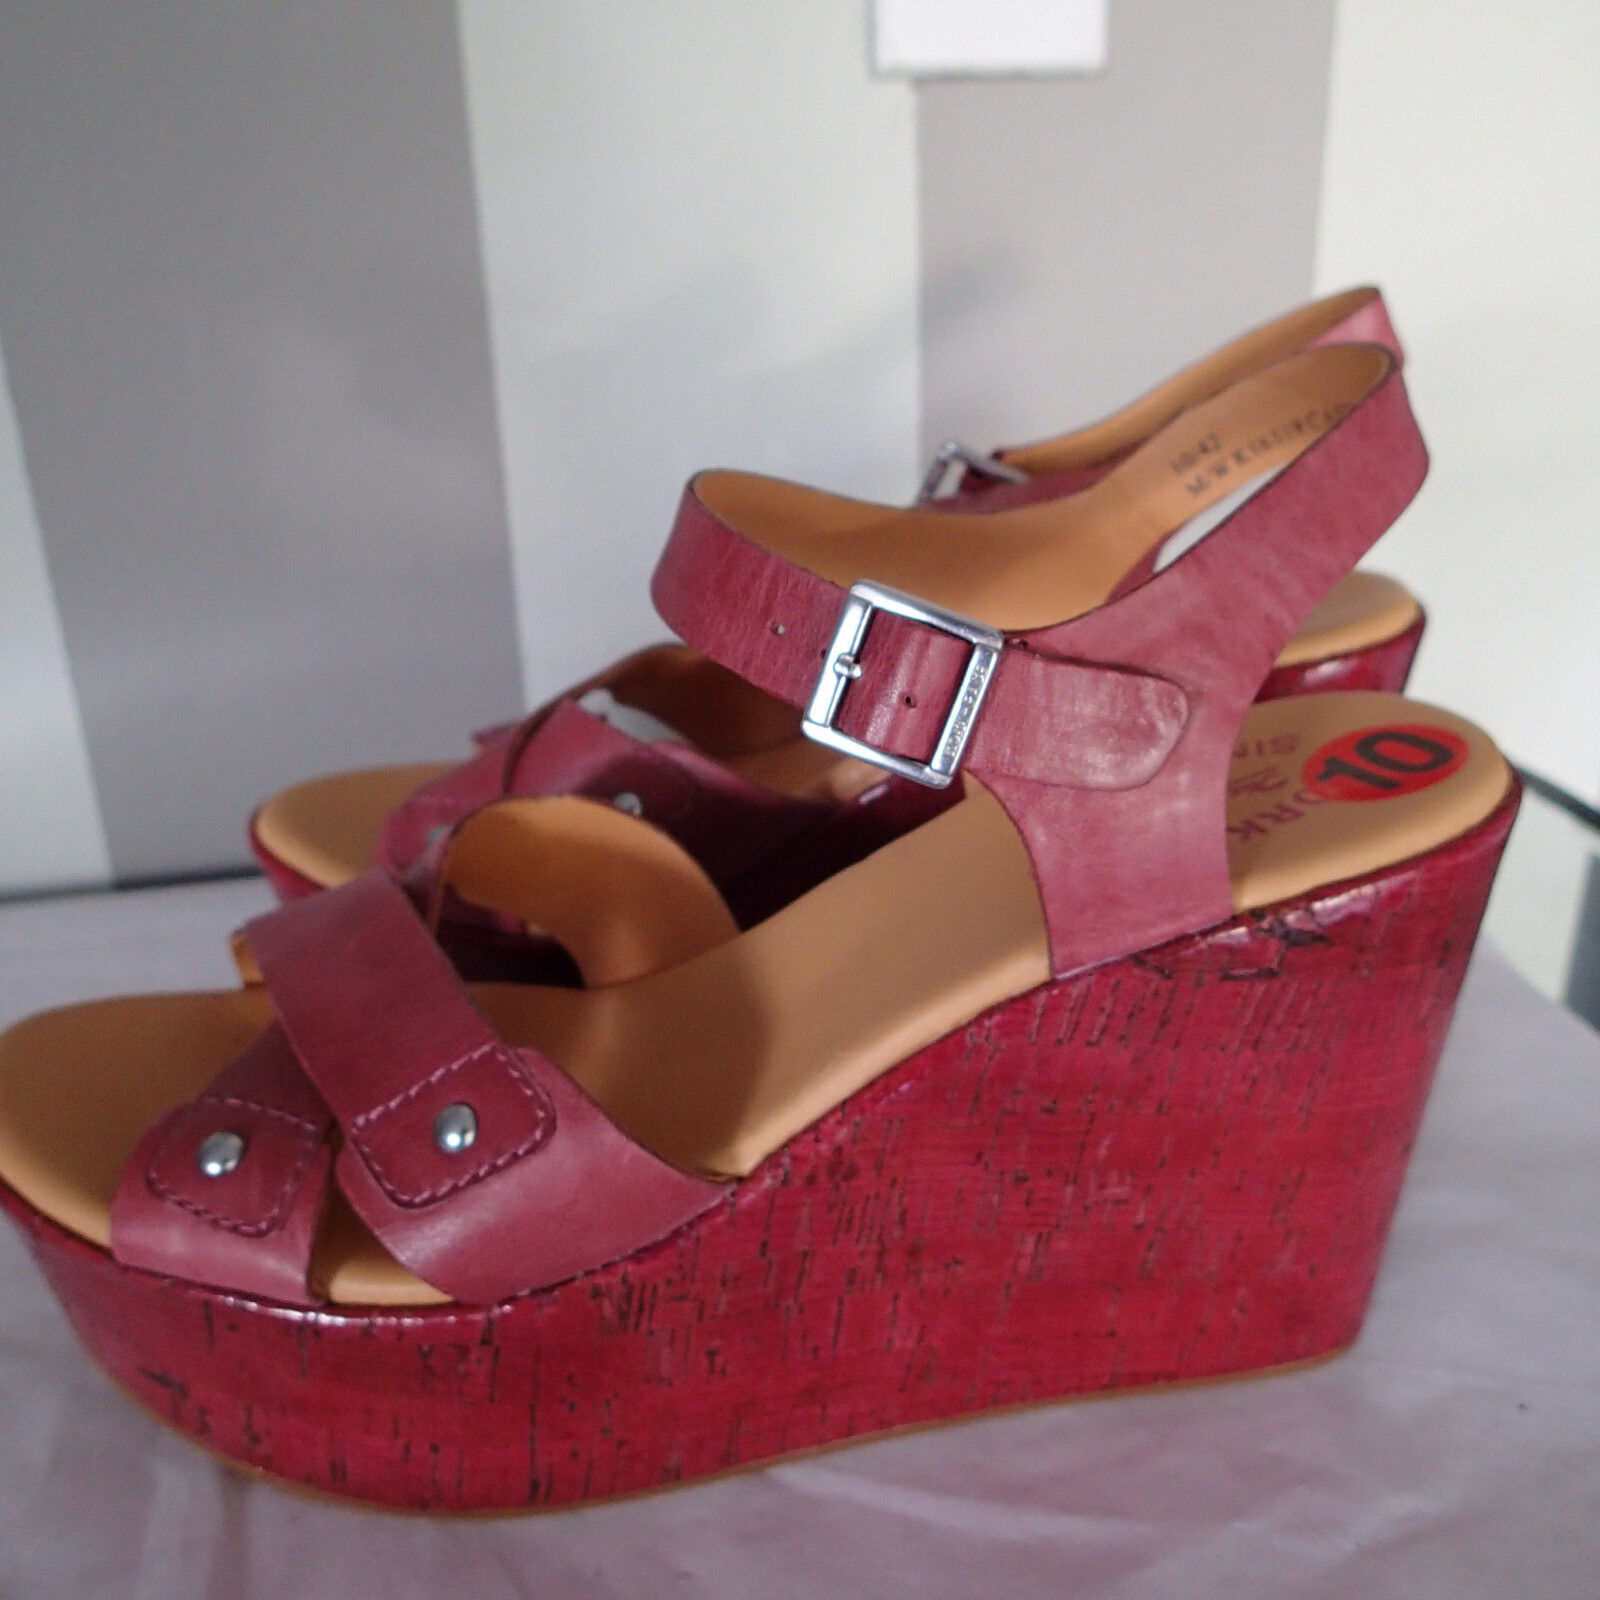 kork ease  schuhe  Sandale  wedge platform NEU Größe 10 Leder ankle strap   k